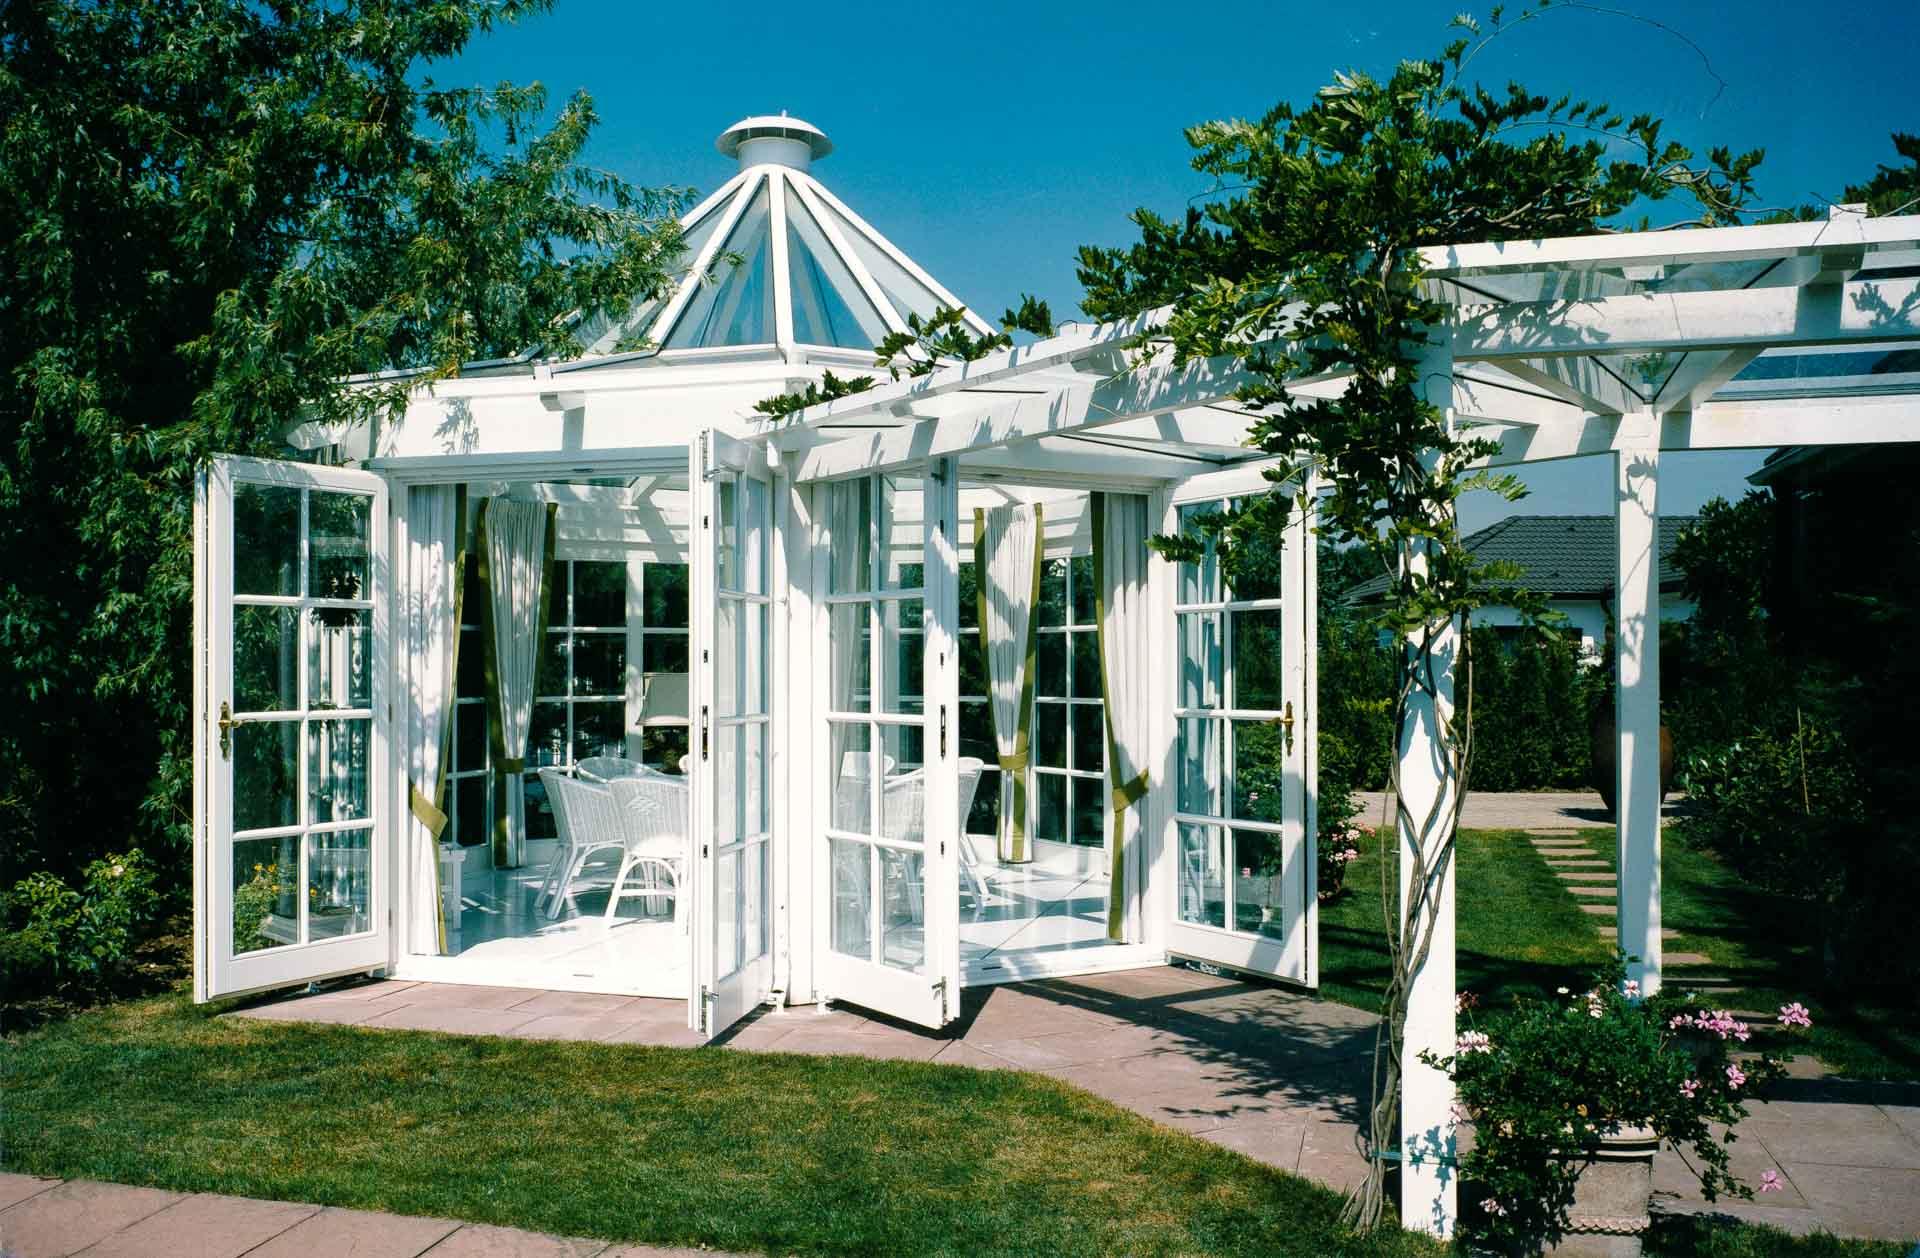 Wintergarten in Köln (Objekt 121). Beheizter Wohn-Glaspavillon mit überdachtem Laubengang zum Wohnhaus